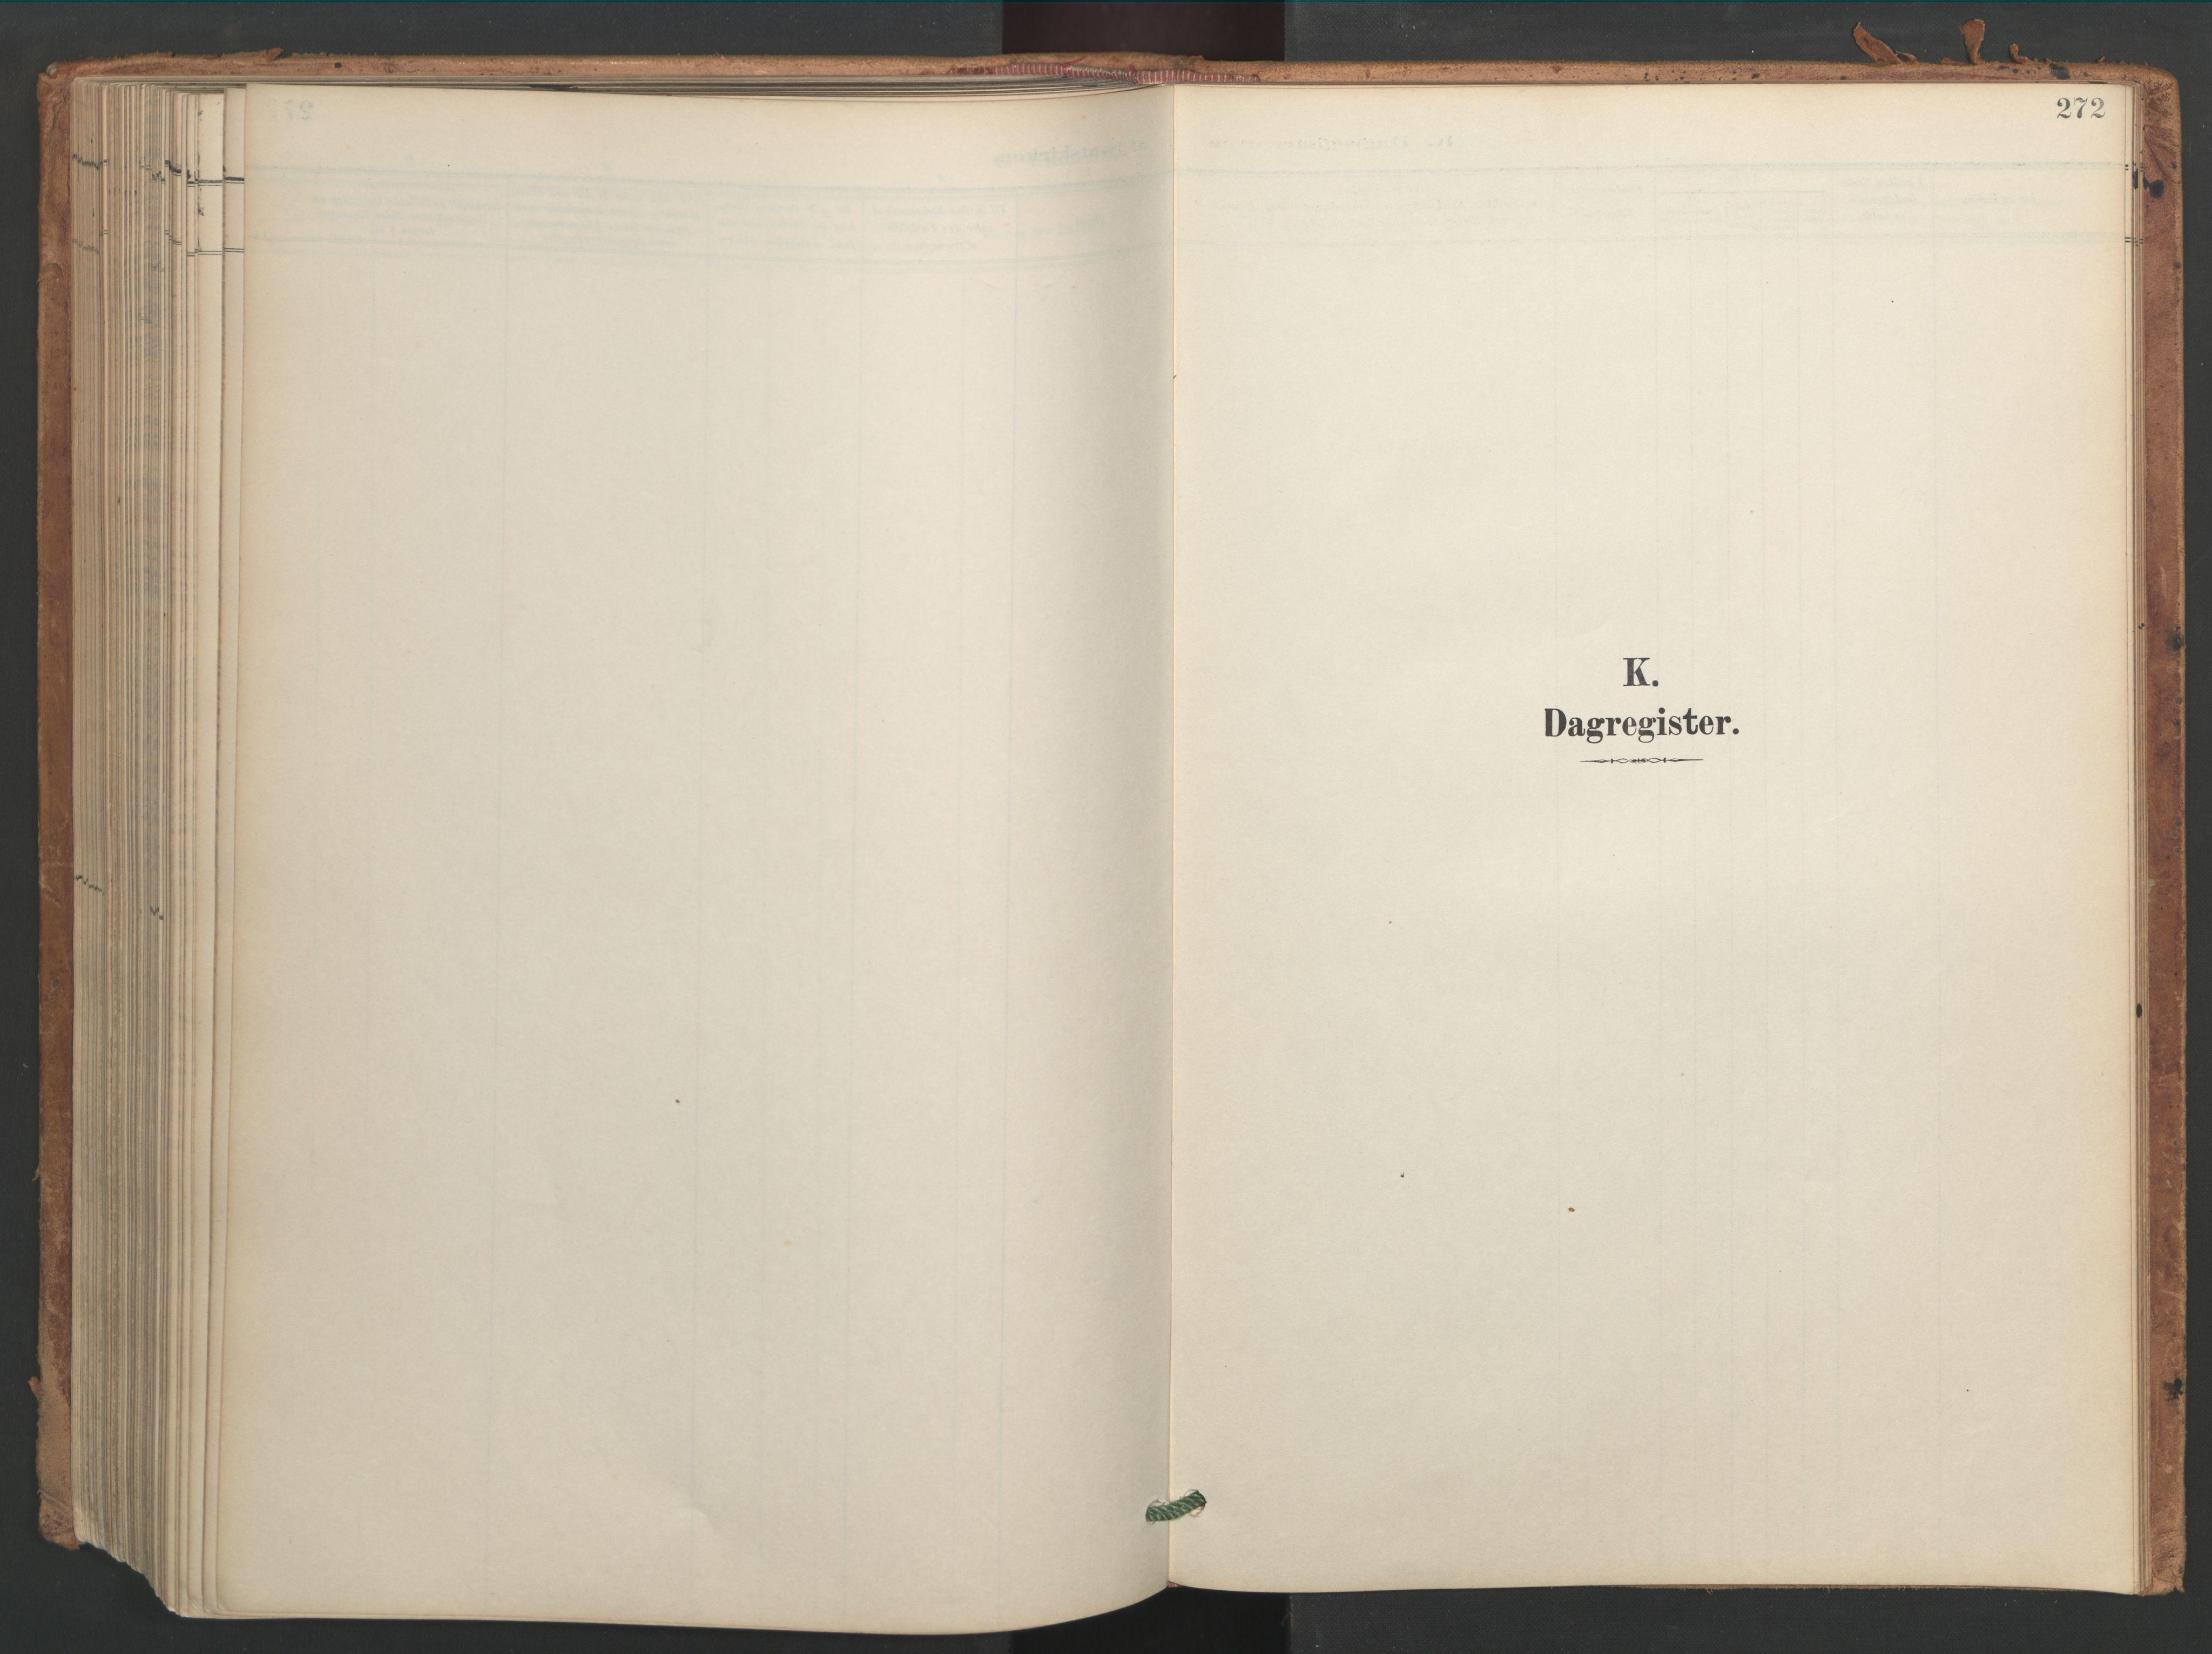 SAT, Ministerialprotokoller, klokkerbøker og fødselsregistre - Sør-Trøndelag, 656/L0693: Ministerialbok nr. 656A02, 1894-1913, s. 272